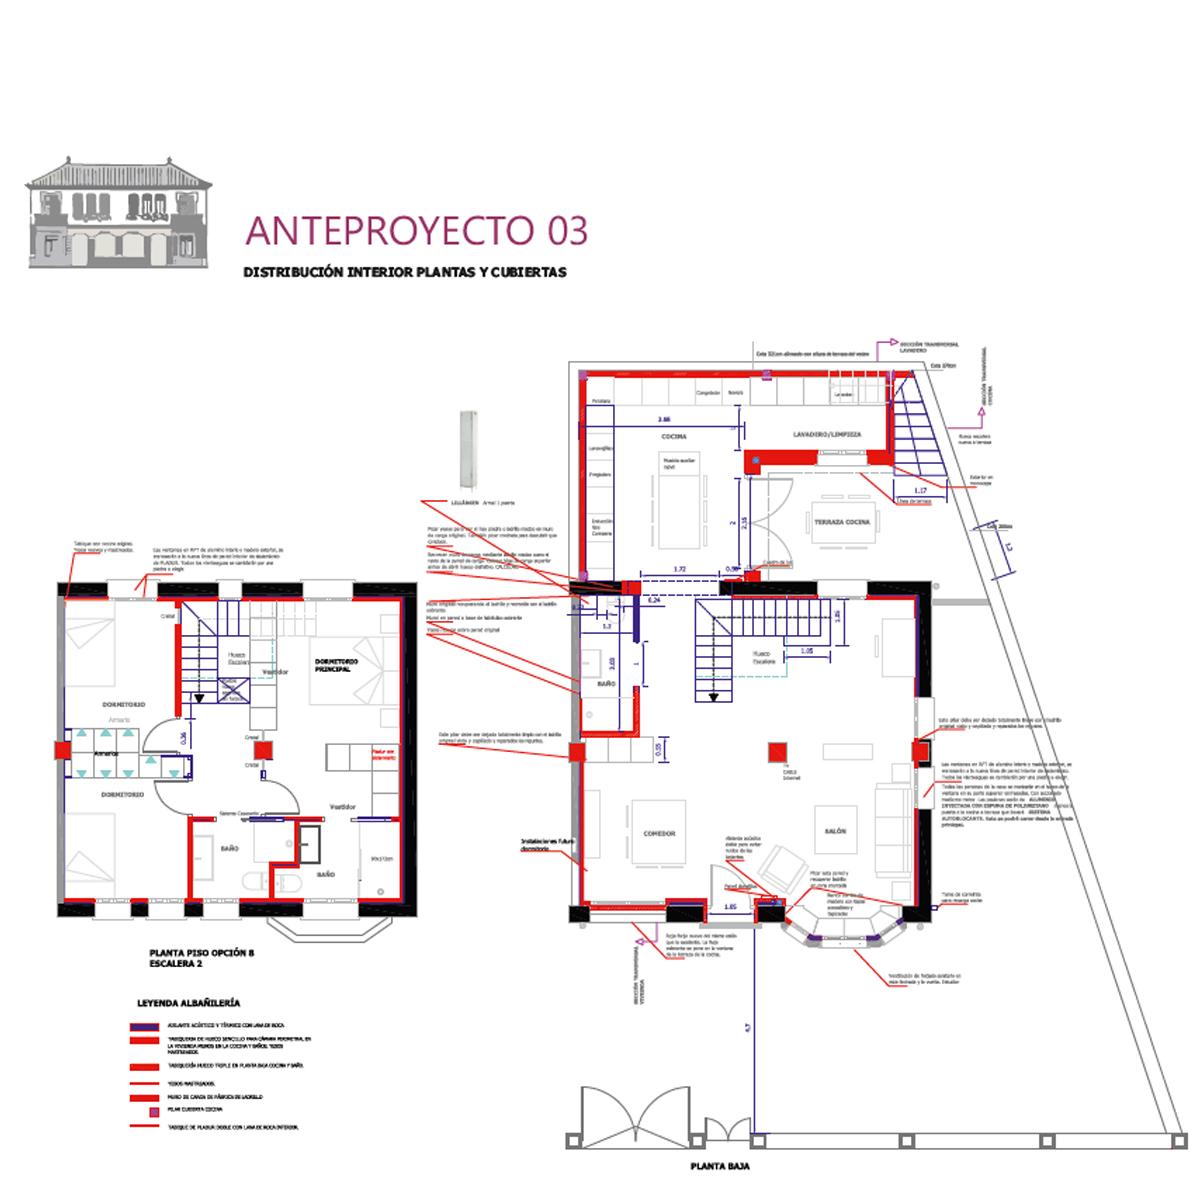 Proyecto Interiorismo por Fernando Pacheco Bellas, GP Creative Thinking